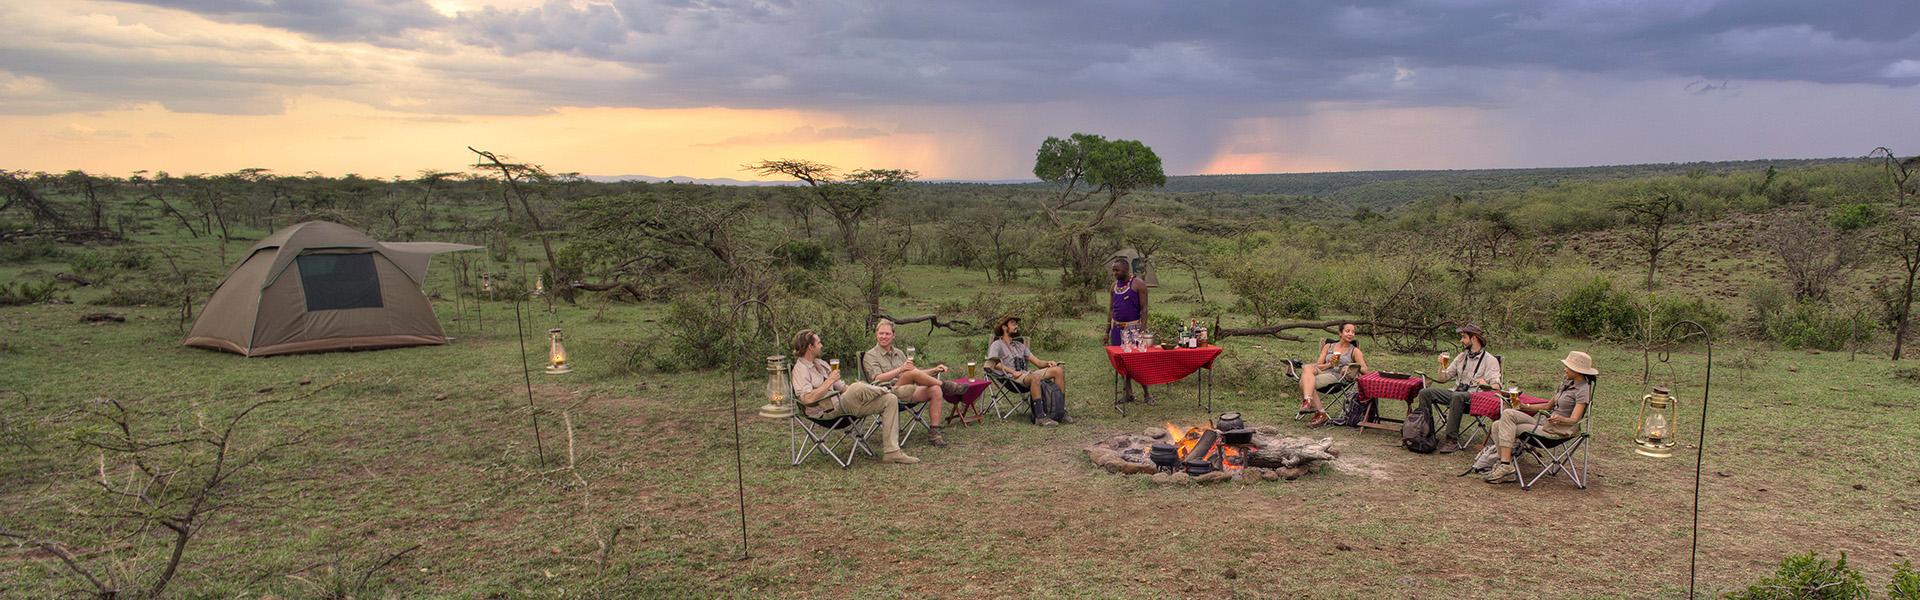 asilia-adventures-bush-camping-africa-kenya-guide